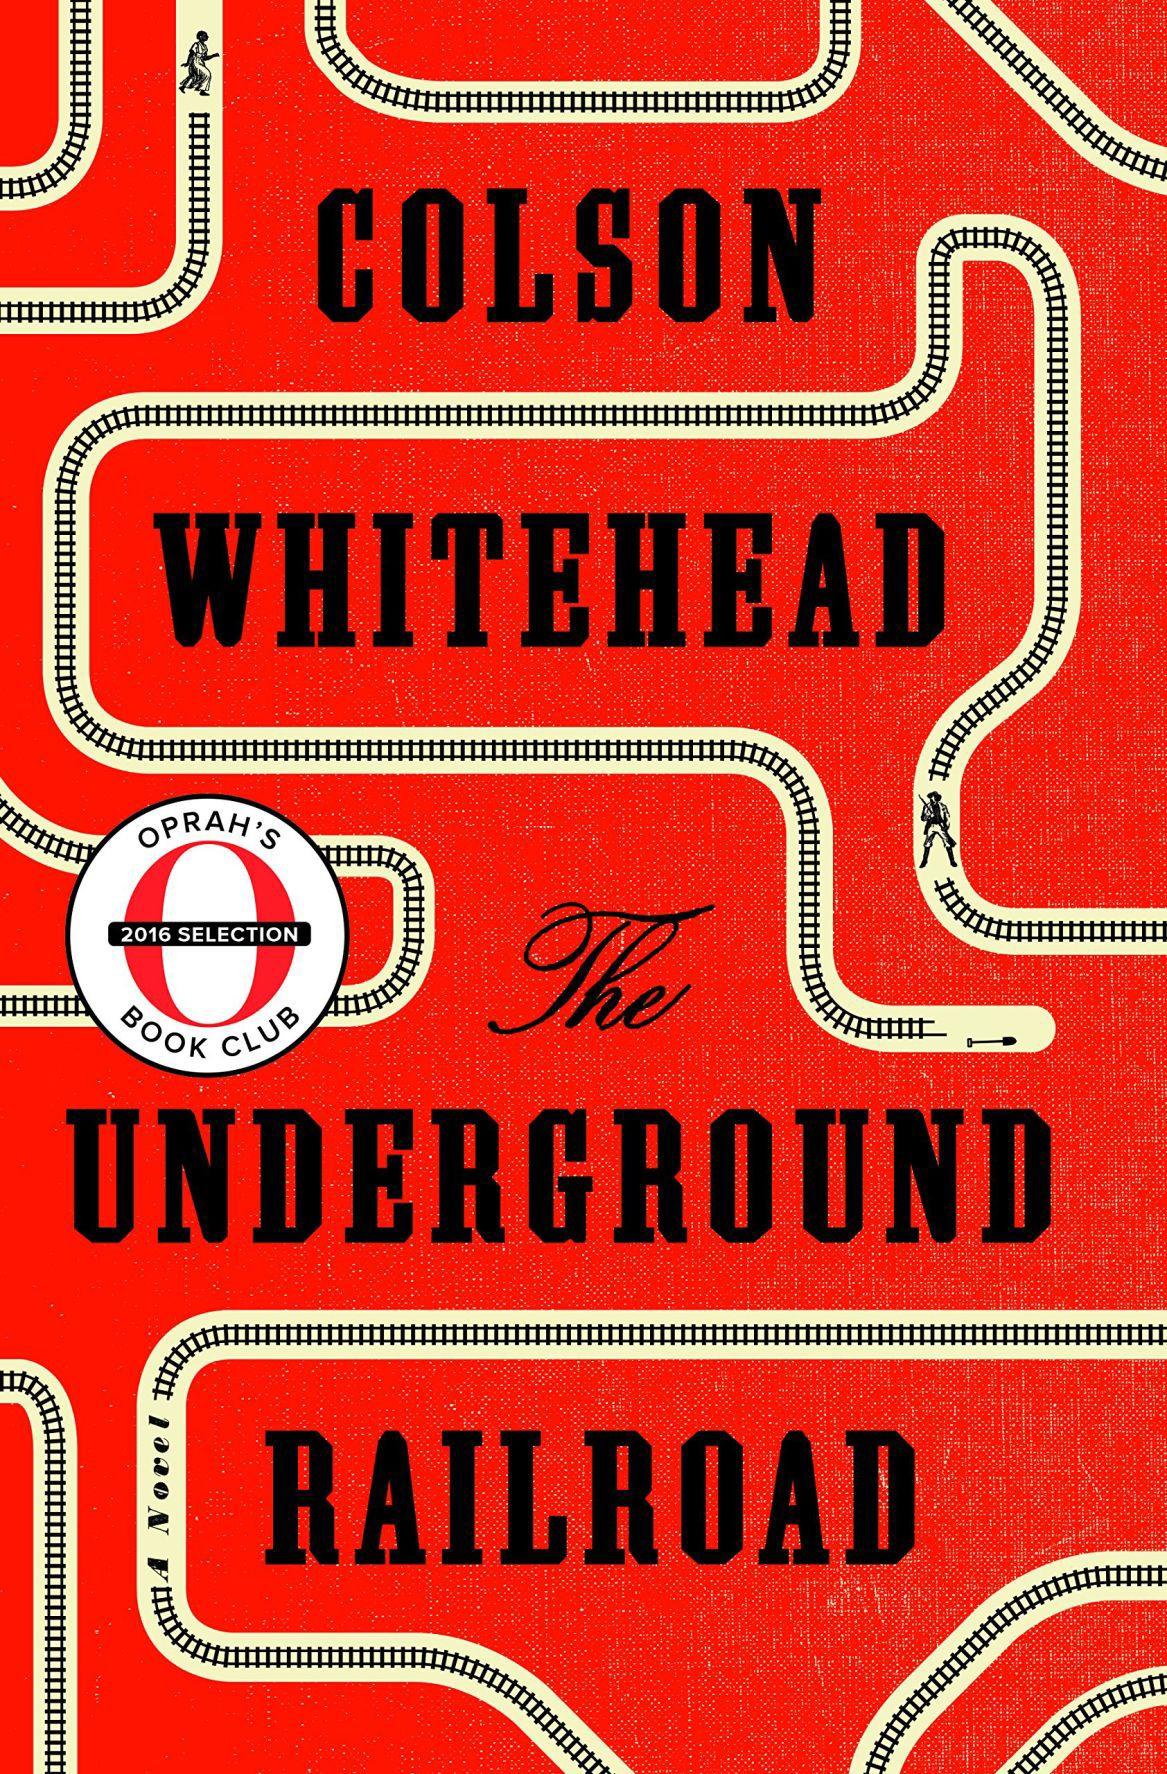 Underground Railroad (Credit: St. Louis Post-Dispatch)